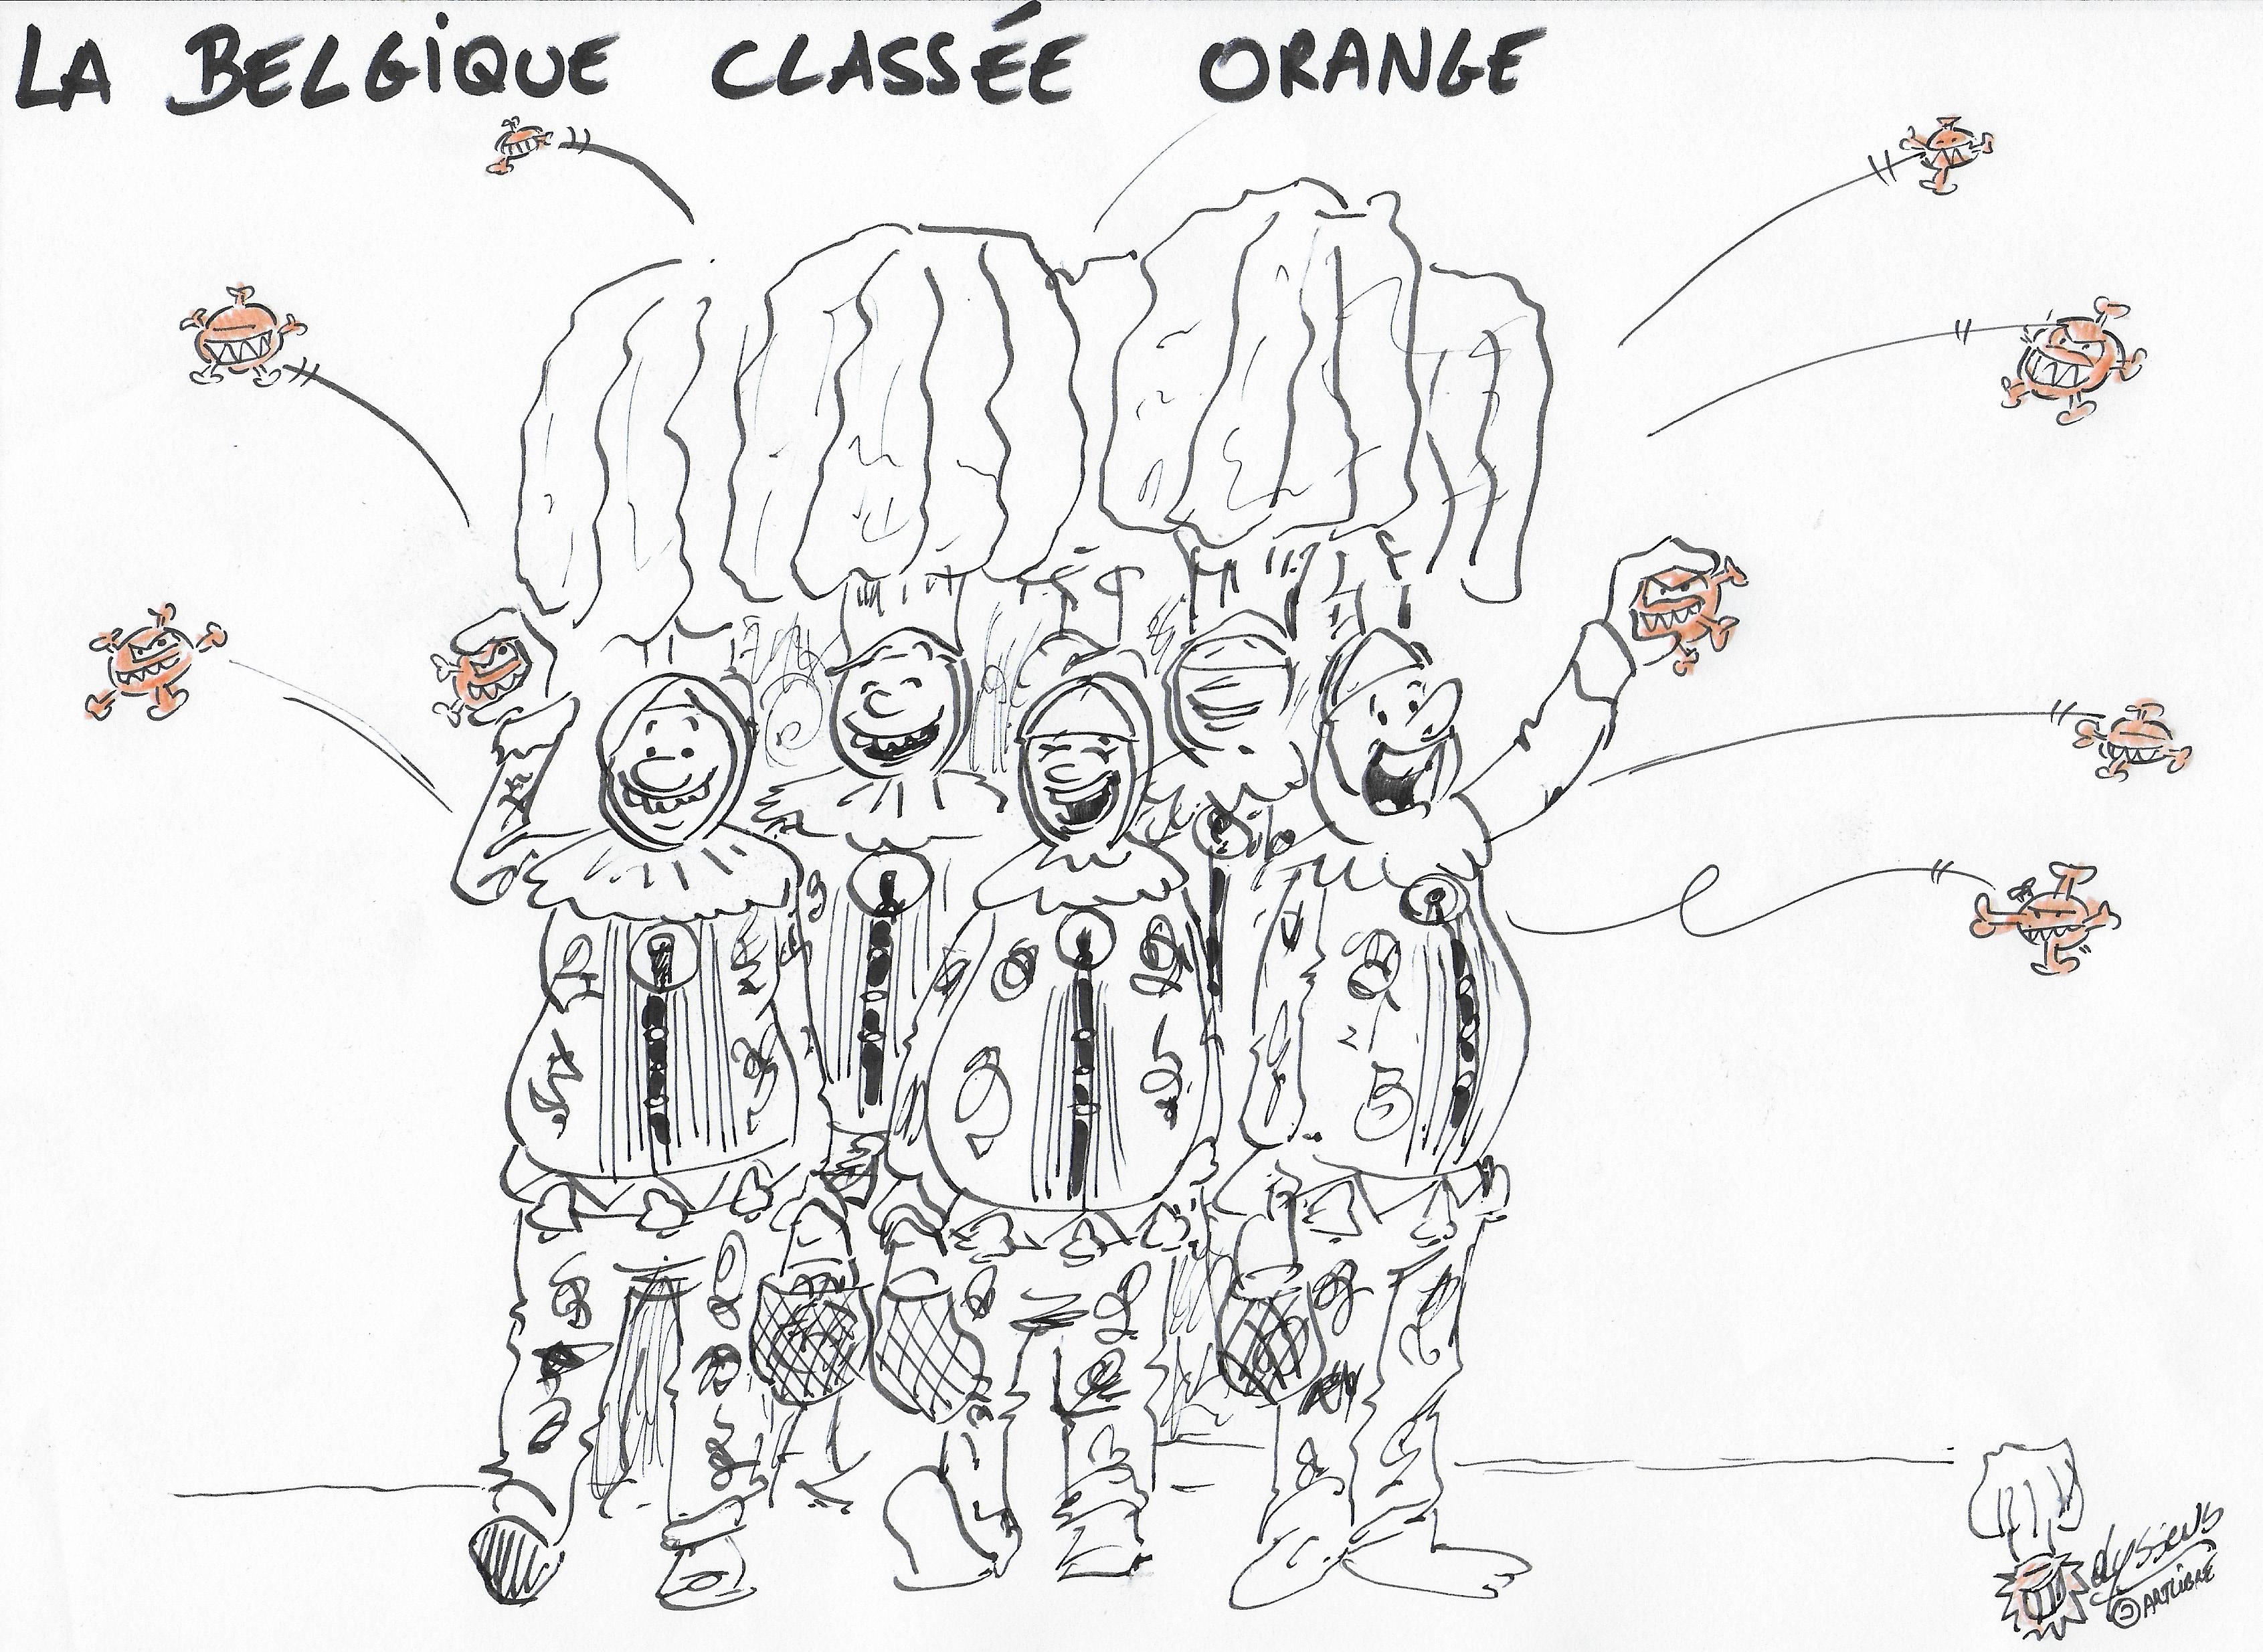 Covid 19 : la Belgique passe en orange